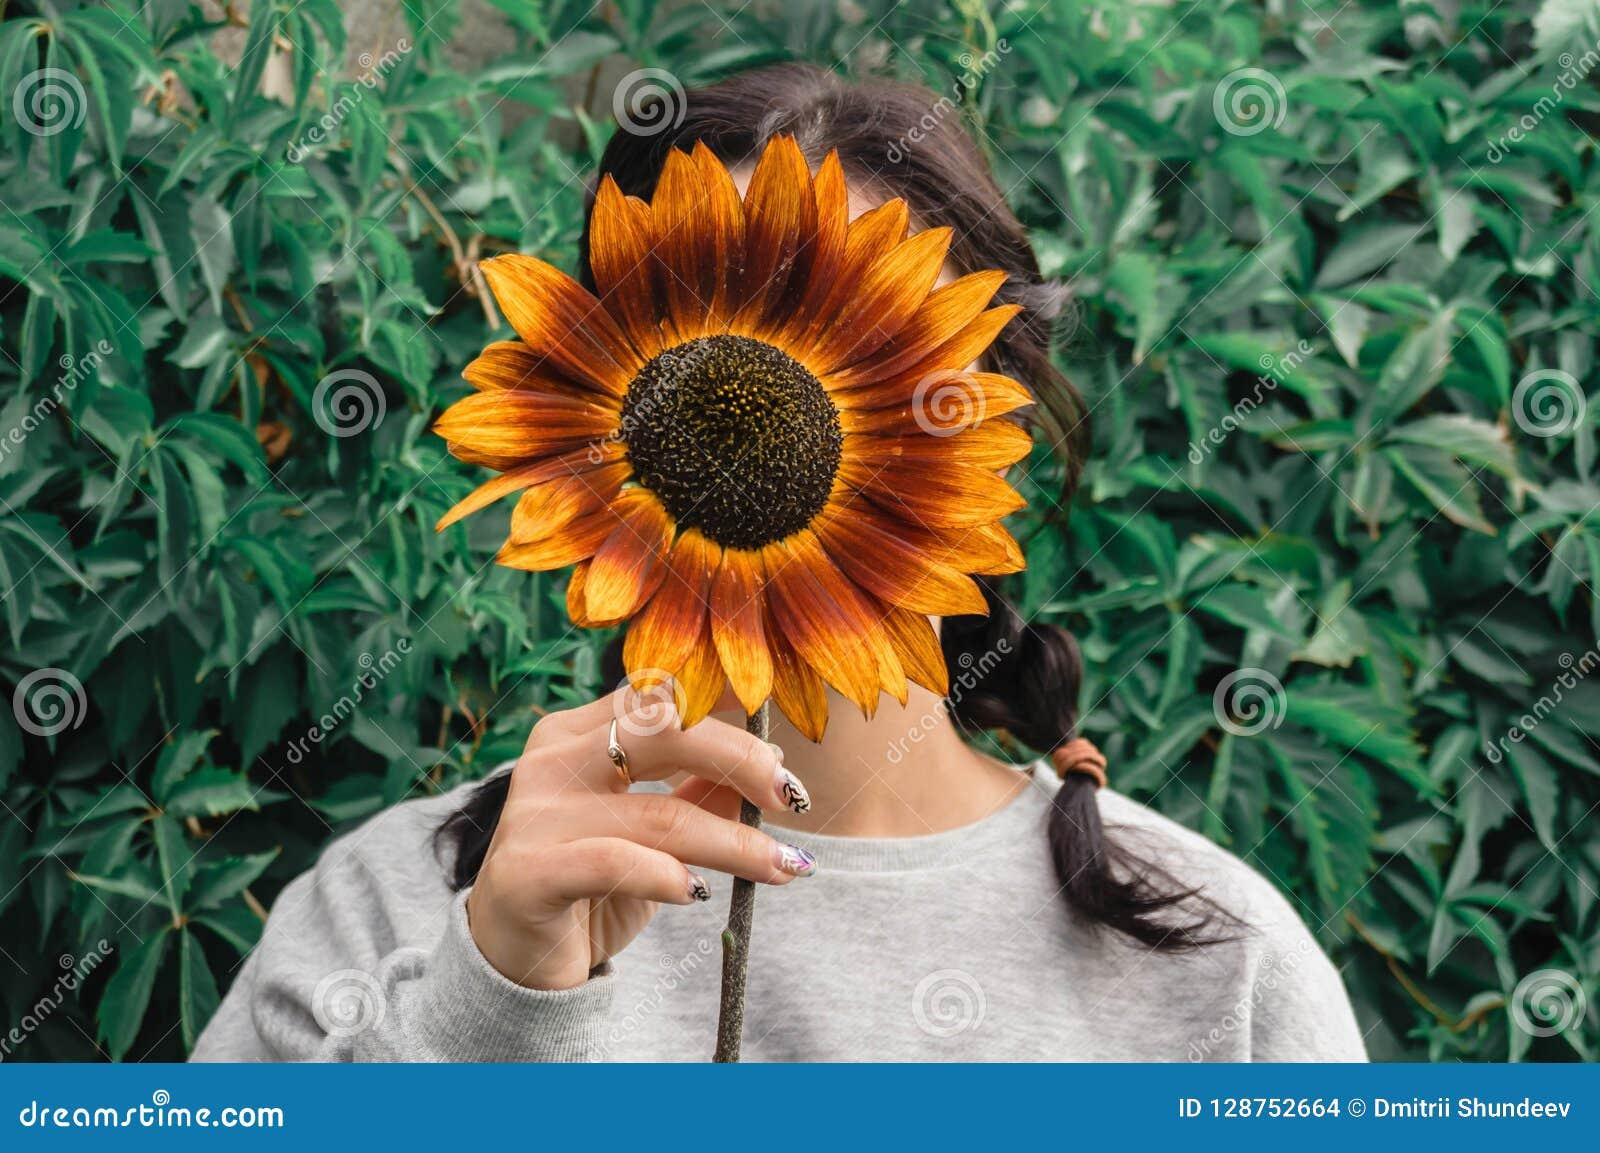 Mädchen versteckt ihr Gesicht hinter einer Sonnenblume